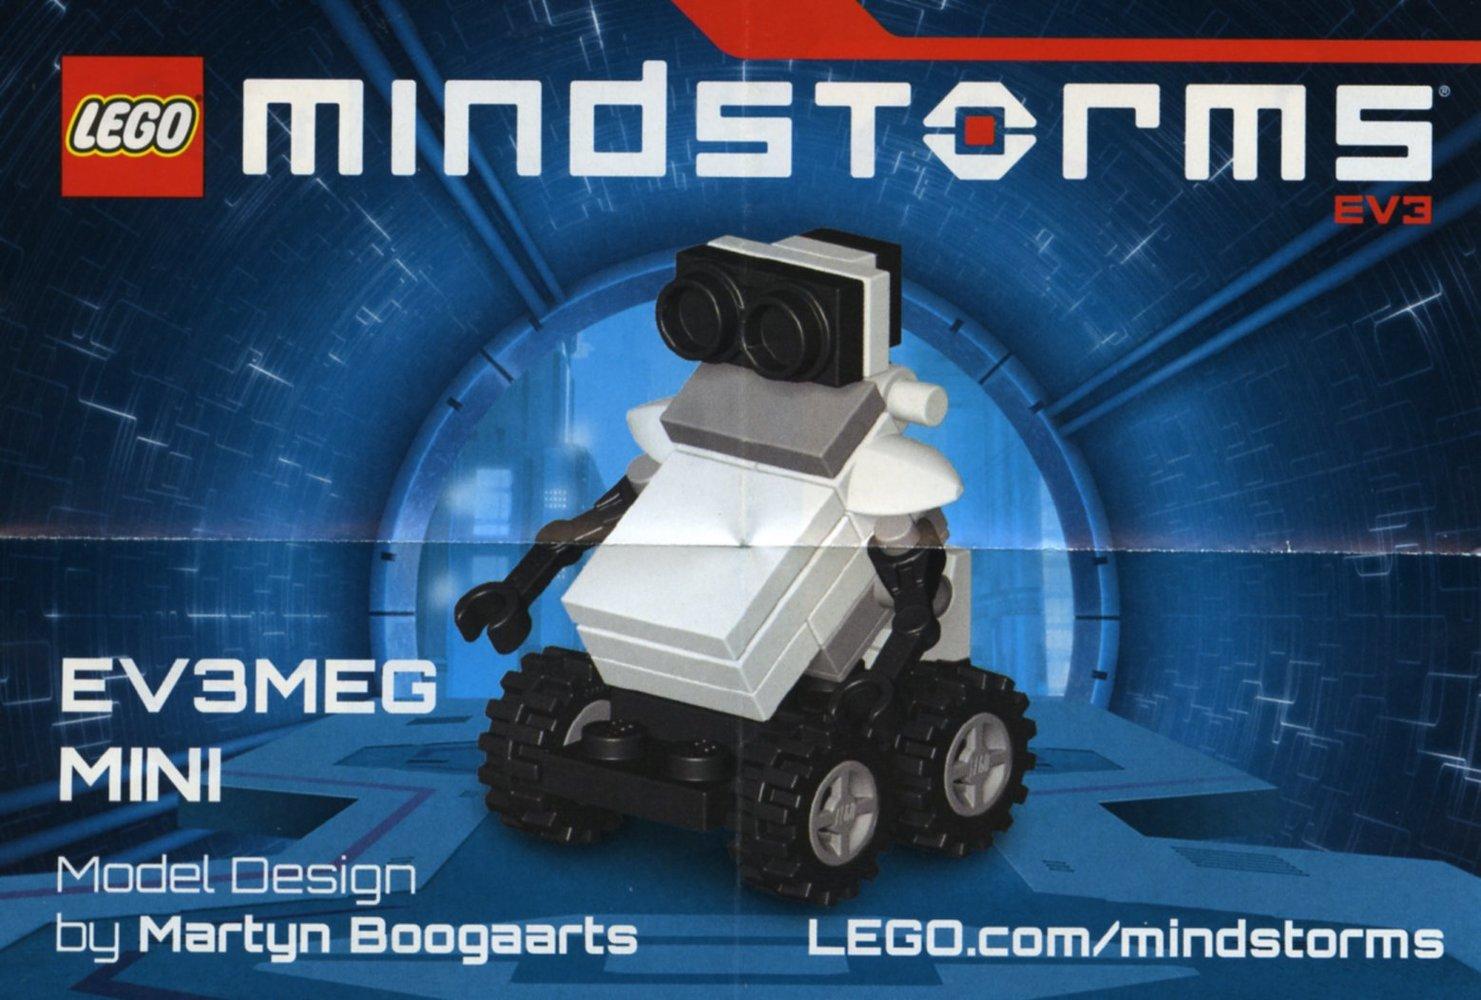 EV3 MEG Mini